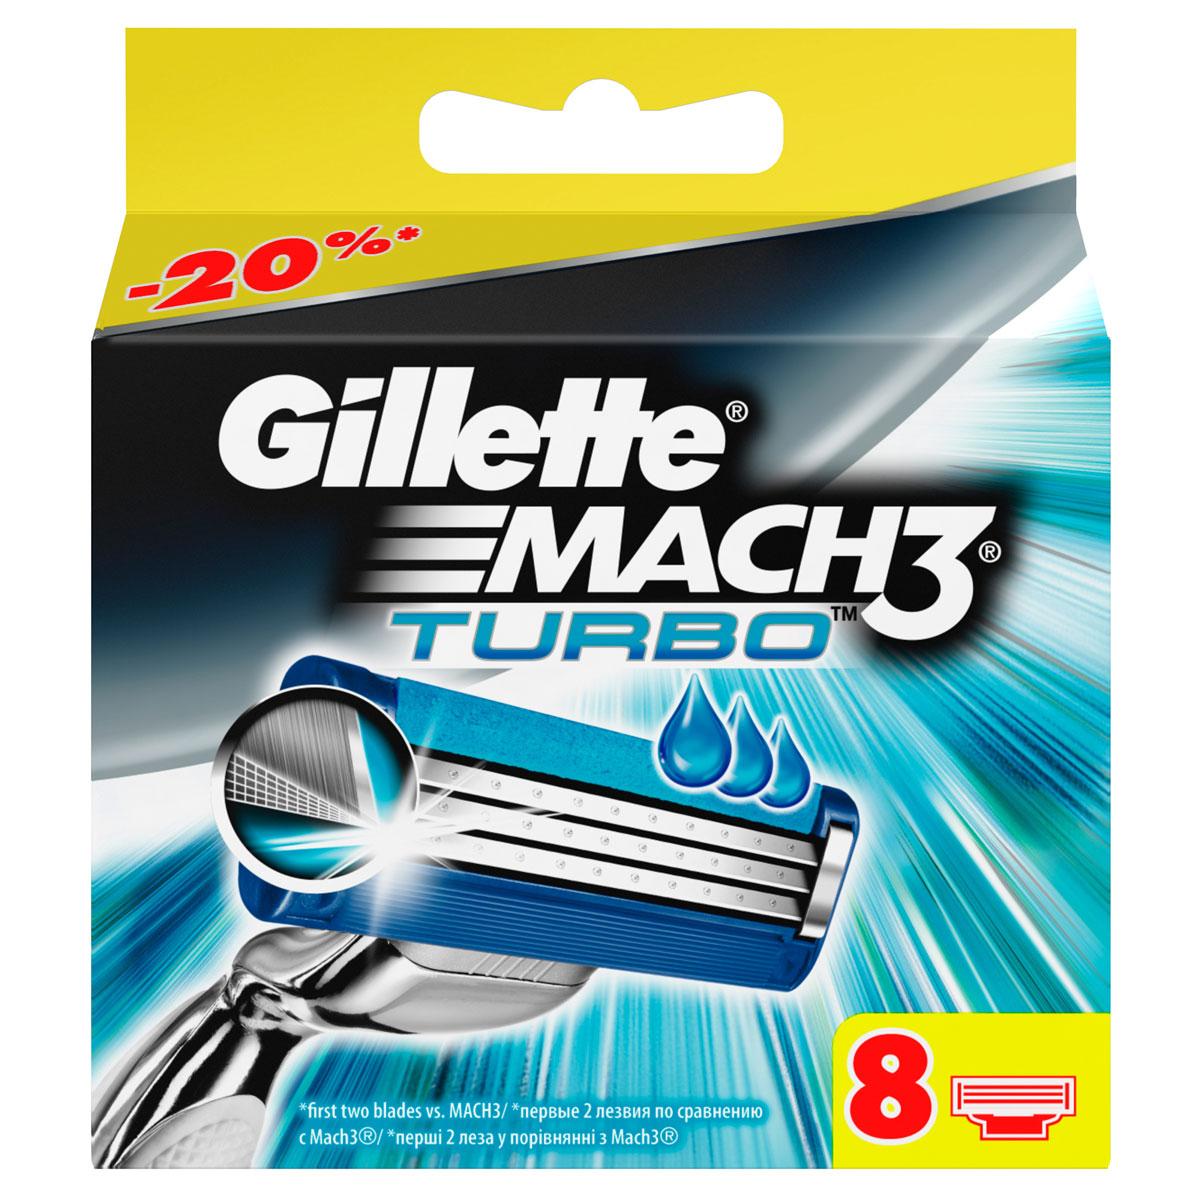 Gillette Сменные кассеты для бритья Mach 3 Turbo, 8 штMCT-13284680Новые лезвия. Острее, чем одноразовая бритва. Бреет без раздражения. Даже 10-ое бритье Mach3 комфортнее 1- го одноразовой бритвой. Совершенствуй процесс бритья с бритвой Mach3! Gillette Mach3 Turbo имеет более острые лезвия (первые два лезвия в сравнении с Mach3) и обеспечивает гладкое бритье без раздражения по сравнению одноразовыми бритвами Bluell Plus. Лезвия Turbo легче срезают щетину, не тянут и не дергают волоски (первые два лезвия в сравнении с Mach3), даря вам невероятный комфорт. В то же время гелевая полоска Comfort помогает сохранить дольше вашу бритву Mach3 Turbo и мягко скользит по коже (по сравнению с одноразовыми бритвенными станками Bluell Plus). Этот станок имеет вдвое больше микрогребней SkinGuard для мягкости бритья (по сравнению с одноразовыми бритвенными станками Bluell Plus). Плавающая головка обеспечивает тесный контакт лезвий с кожей, рукоятка с регулировкой нажатия адаптируется к контурам лица для более легкого и комфортного бритья ...